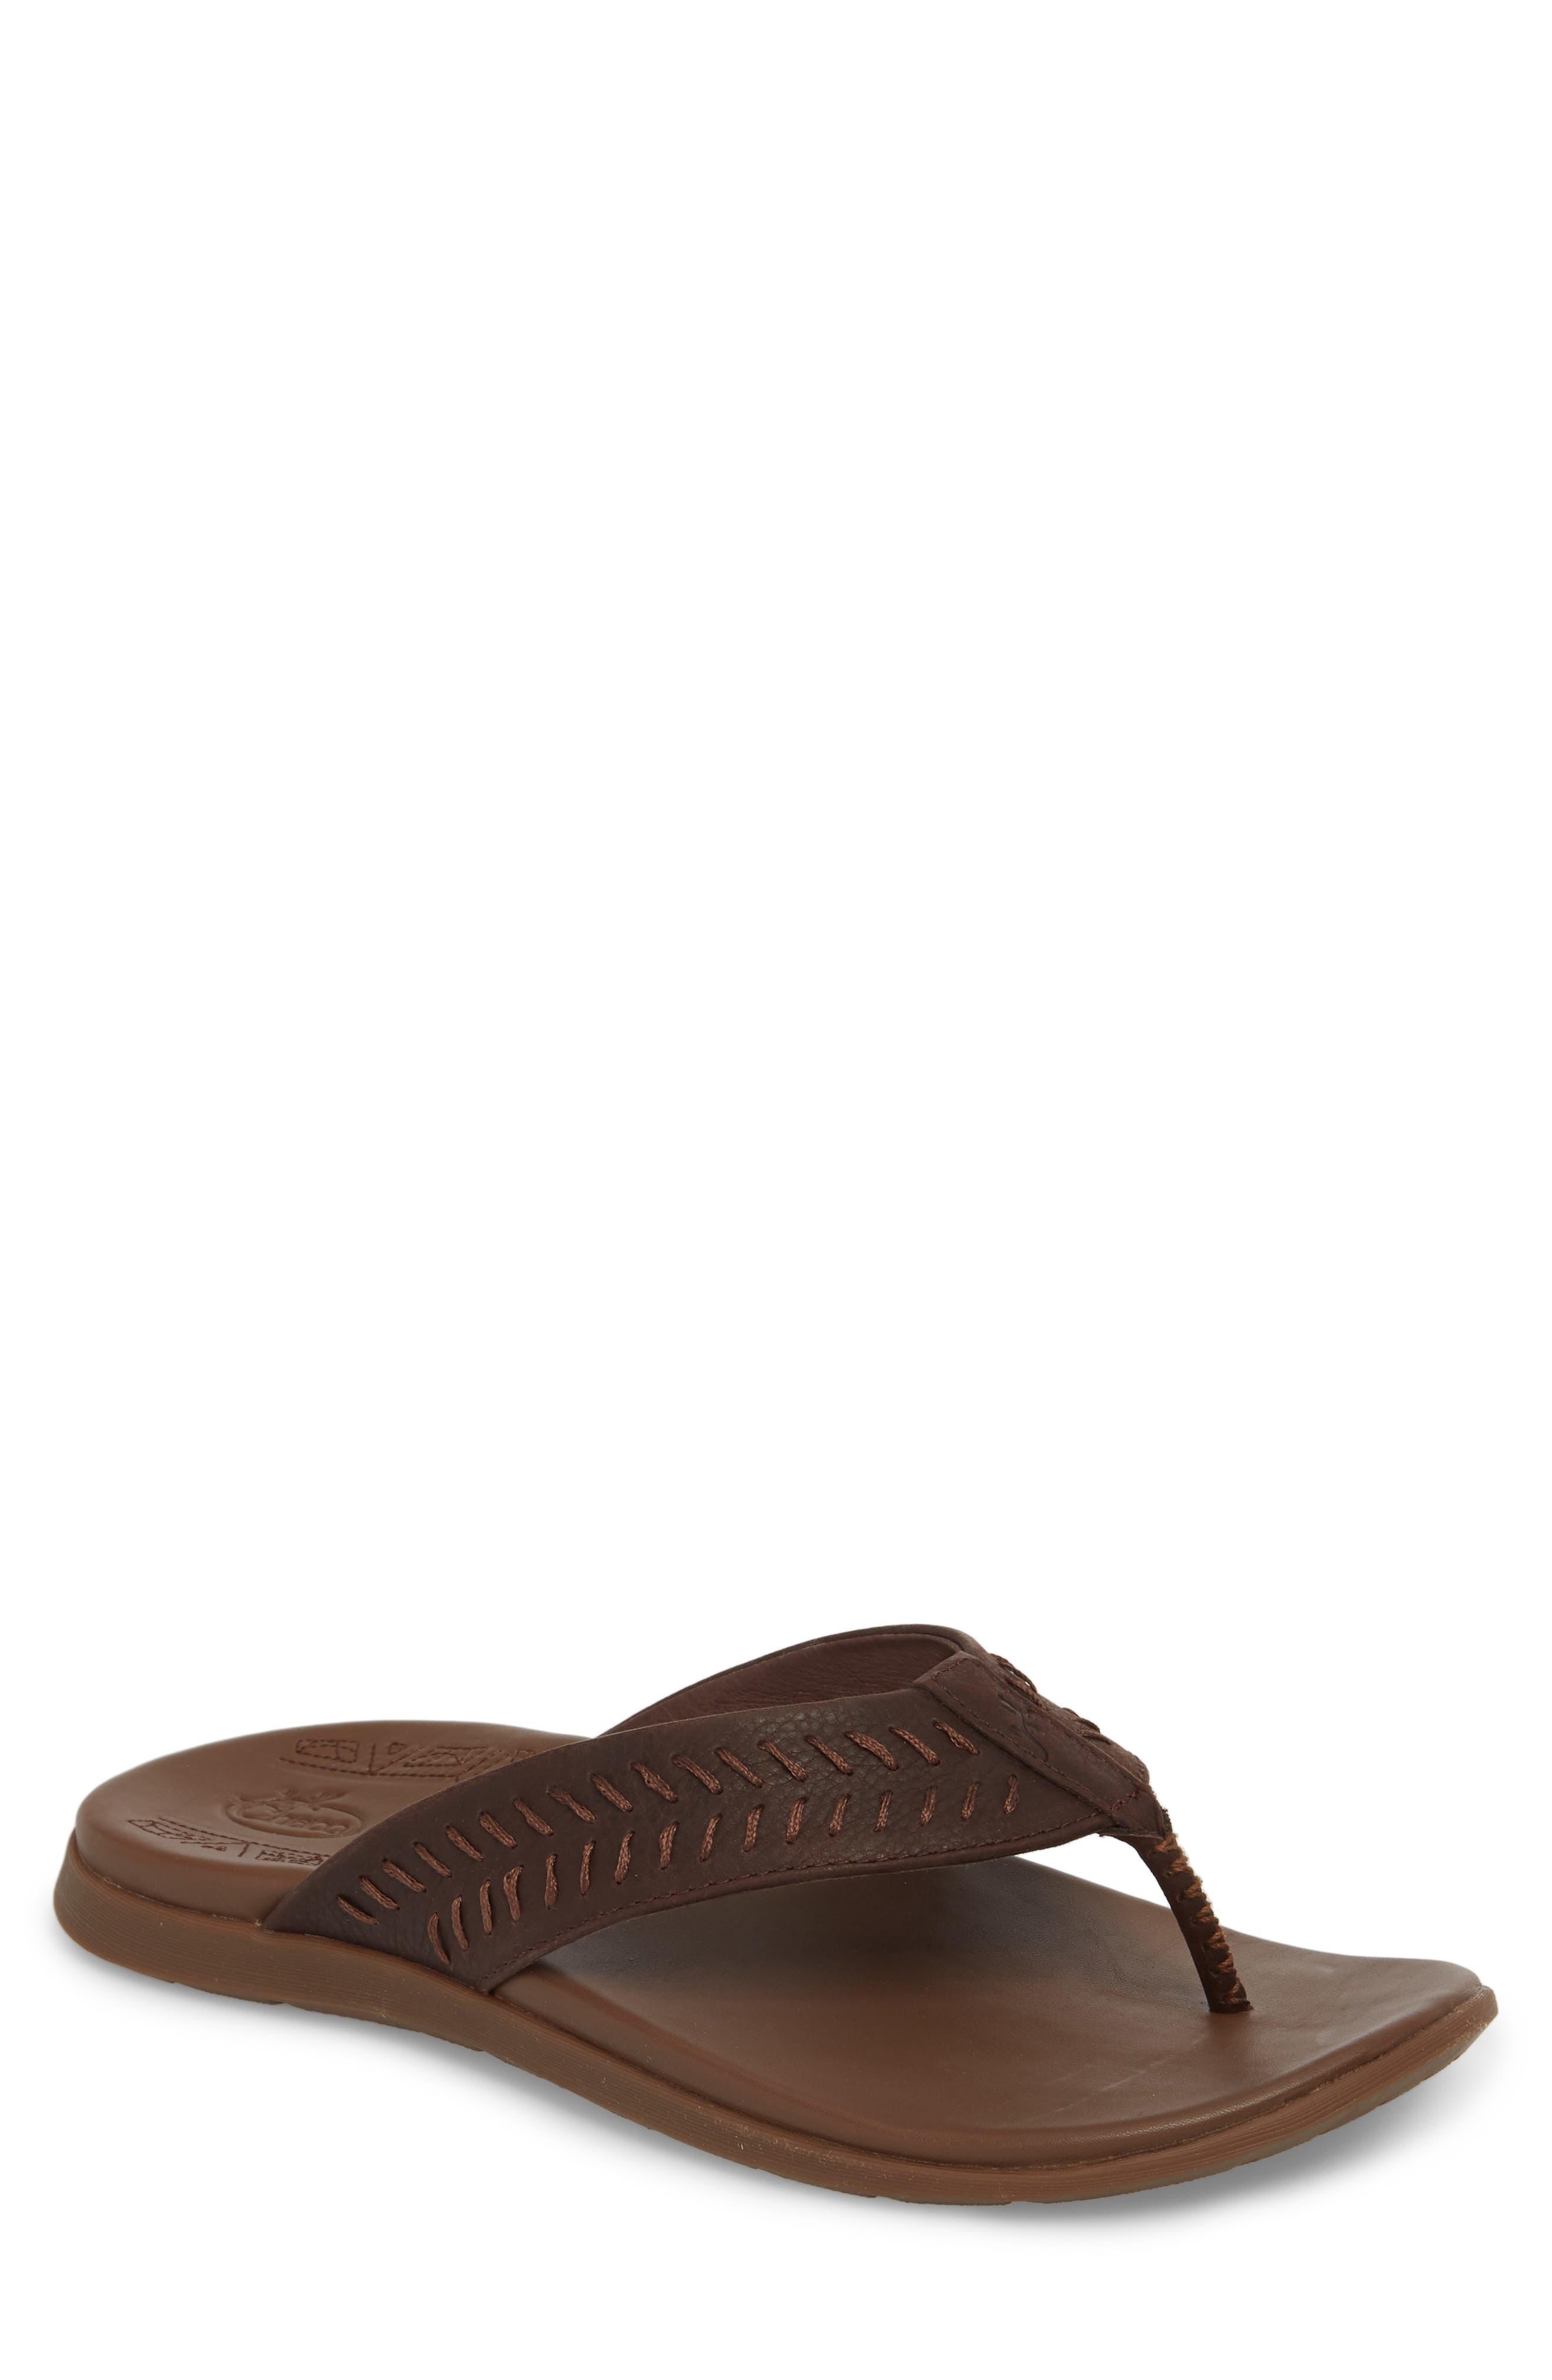 Jackson Flip Flop,                             Main thumbnail 1, color,                             Java Leather